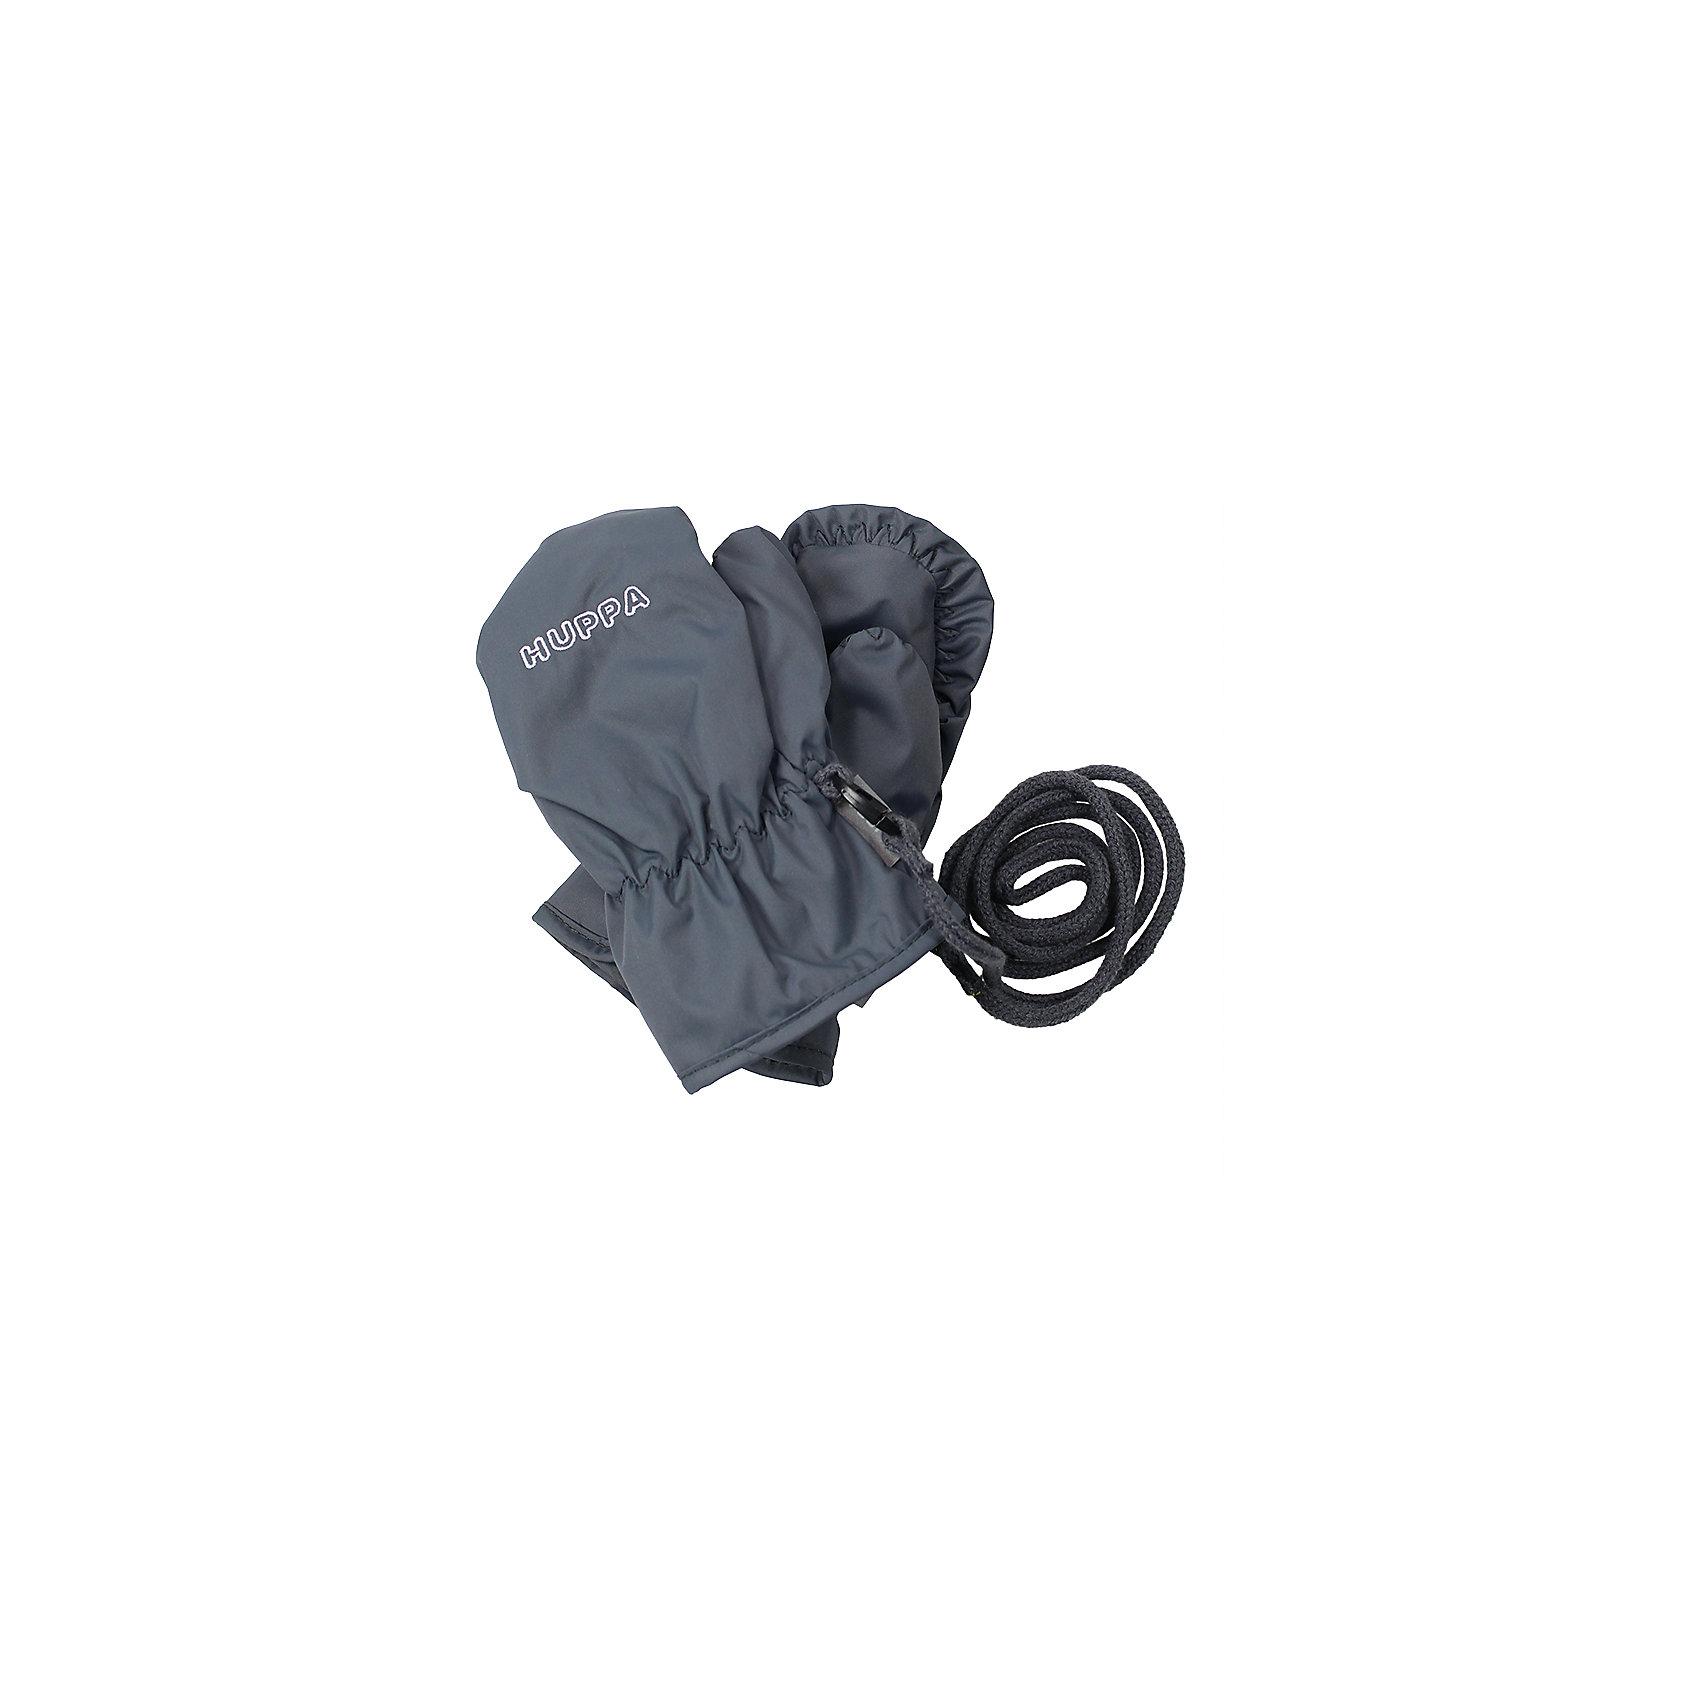 Варежки Fifi для мальчика HuppaПерчатки, варежки<br>Характеристики товара:<br><br>• цвет: серый<br>• состав: 100% полиэстер<br>• подкладка: 100% полиэстер<br>• утеплитель: 100% полиэстер 40 г<br>• температурный режим: от -5°С до +10°С<br>• водонепроницаемость: 5000 мм<br>• воздухопроницаемость: 5000 мм<br>• не продуваемые<br>• логотип<br>• шнурок<br>• не промокаемые <br>• прочная ткань<br>• комфортная посадка<br>• коллекция: весна-лето 2017<br>• страна бренда: Эстония<br><br>Эти утепленные варежки обеспечат детям тепло и комфорт в межсезонье. Они сделаны из материала, отталкивающего воду, поэтому изделие идеально подходит для межсезонья. Материал изделия - с мембранной технологией: защищая от влаги и ветра, он легко выводит лишнюю влагу наружу. Варежки очень симпатично смотрятся. Модель была разработана специально для детей.<br><br>Одежда и обувь от популярного эстонского бренда Huppa - отличный вариант одеть ребенка можно и комфортно. Вещи, выпускаемые компанией, качественные, продуманные и очень удобные. Для производства изделий используются только безопасные для детей материалы. Продукция от Huppa порадует и детей, и их родителей!<br><br>Варежки для девочки от бренда Huppa (Хуппа) можно купить в нашем интернет-магазине.<br><br>Ширина мм: 162<br>Глубина мм: 171<br>Высота мм: 55<br>Вес г: 119<br>Цвет: серый<br>Возраст от месяцев: 3<br>Возраст до месяцев: 12<br>Пол: Мужской<br>Возраст: Детский<br>Размер: 1,2<br>SKU: 4595706